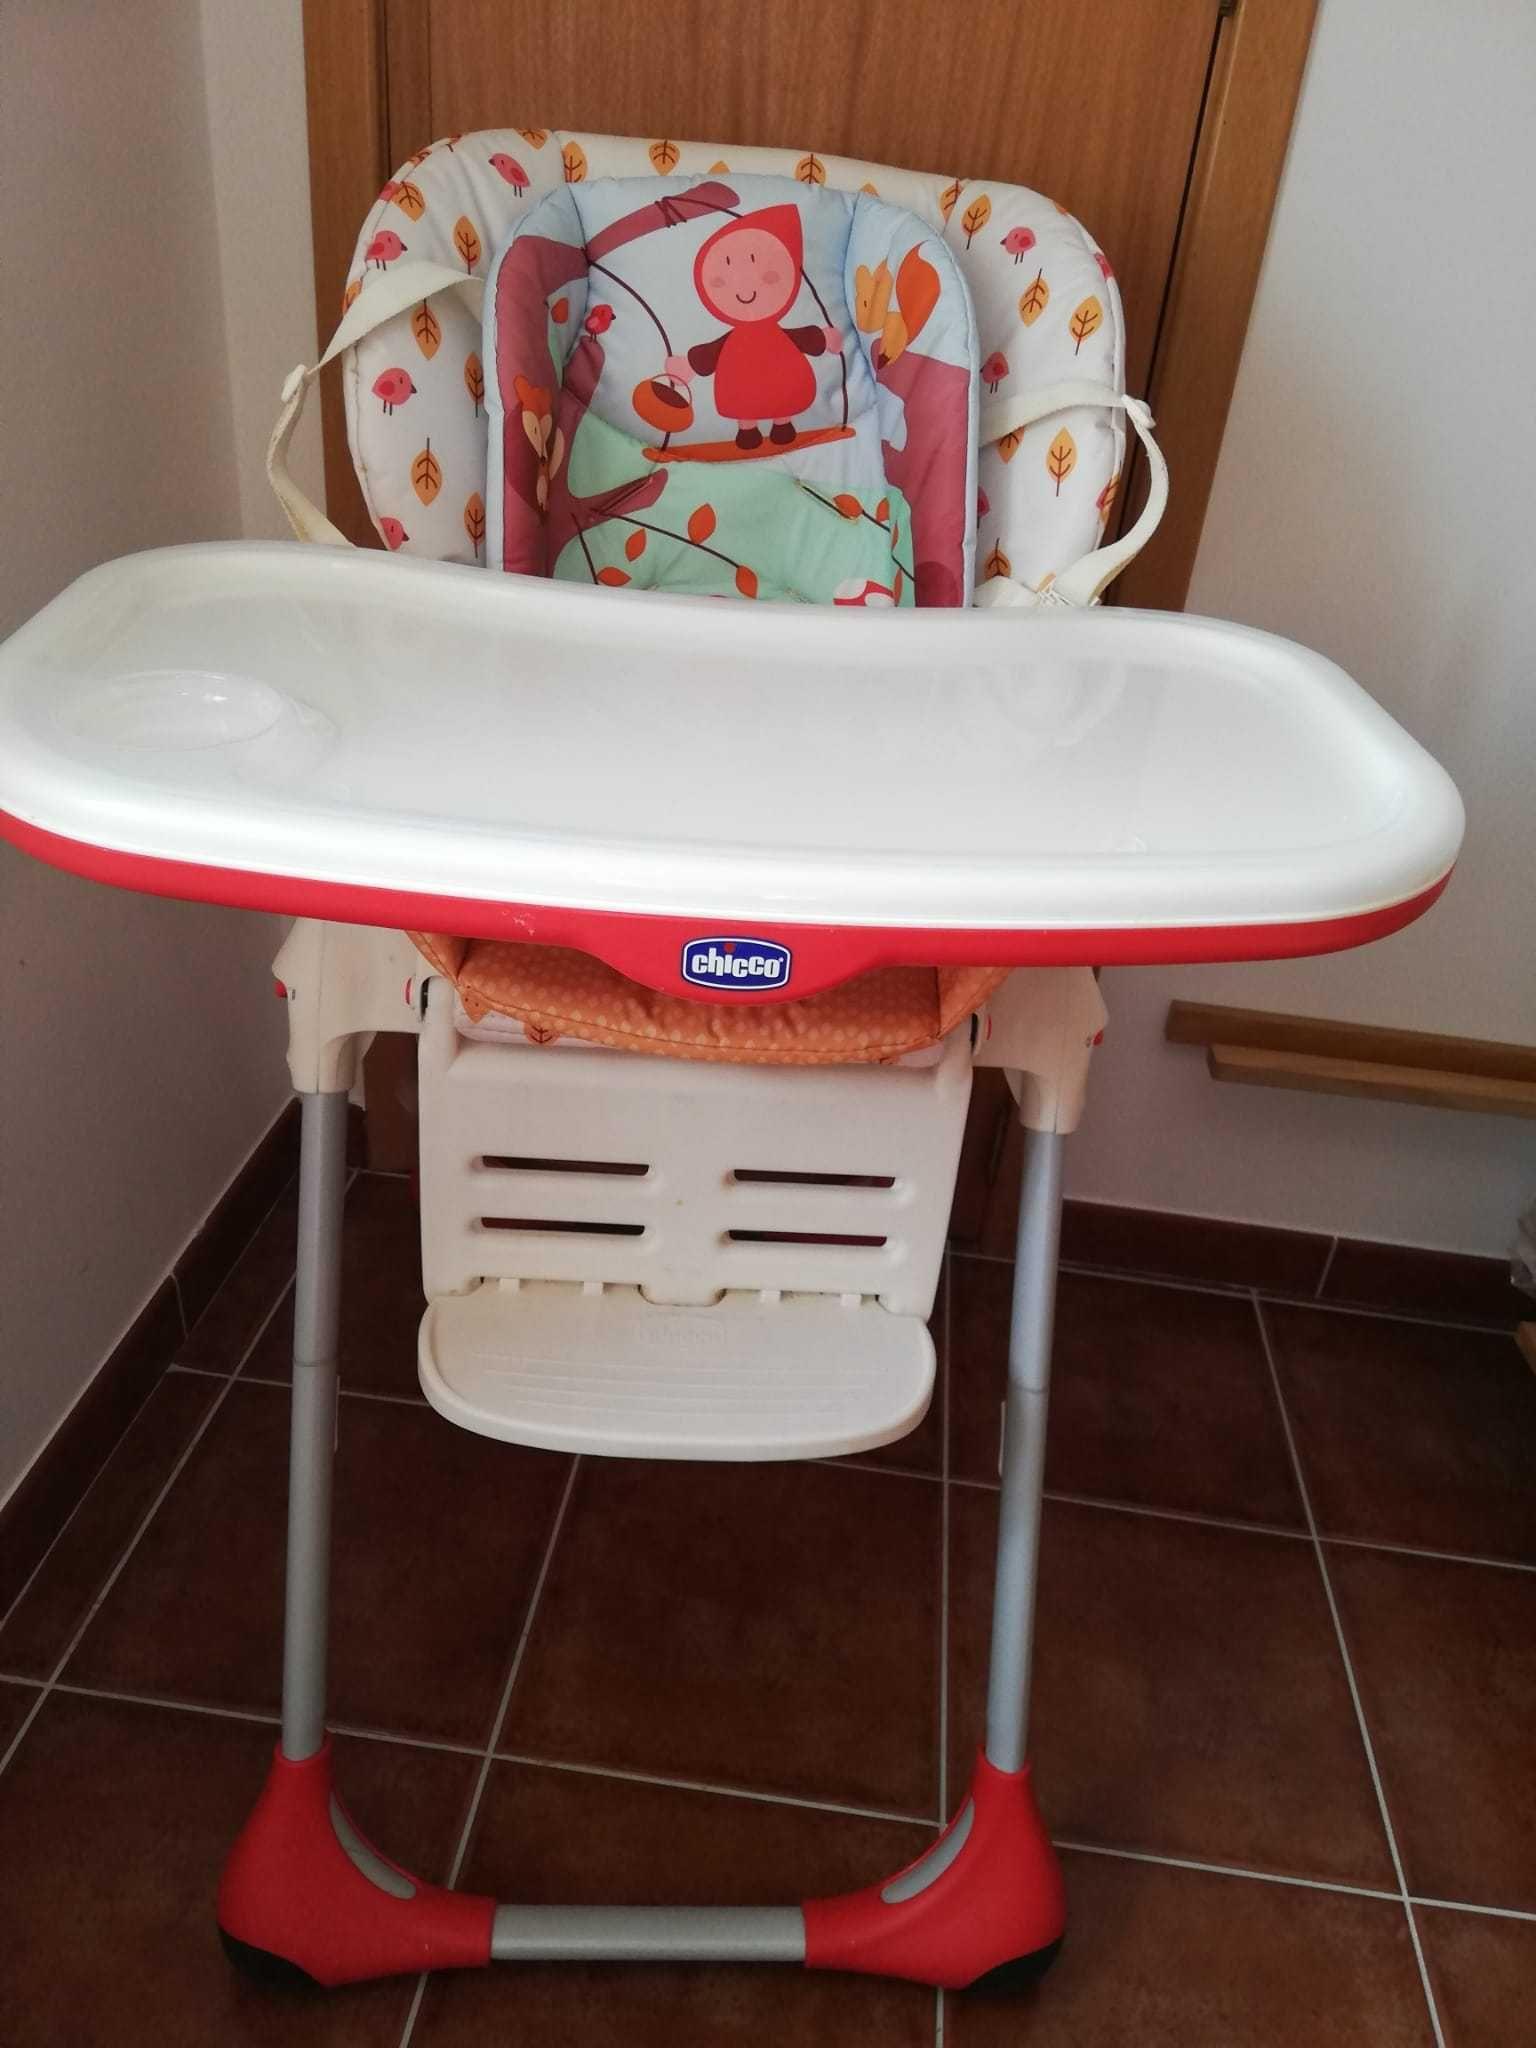 Cadeira papa Chicco capuchinho vermelho.